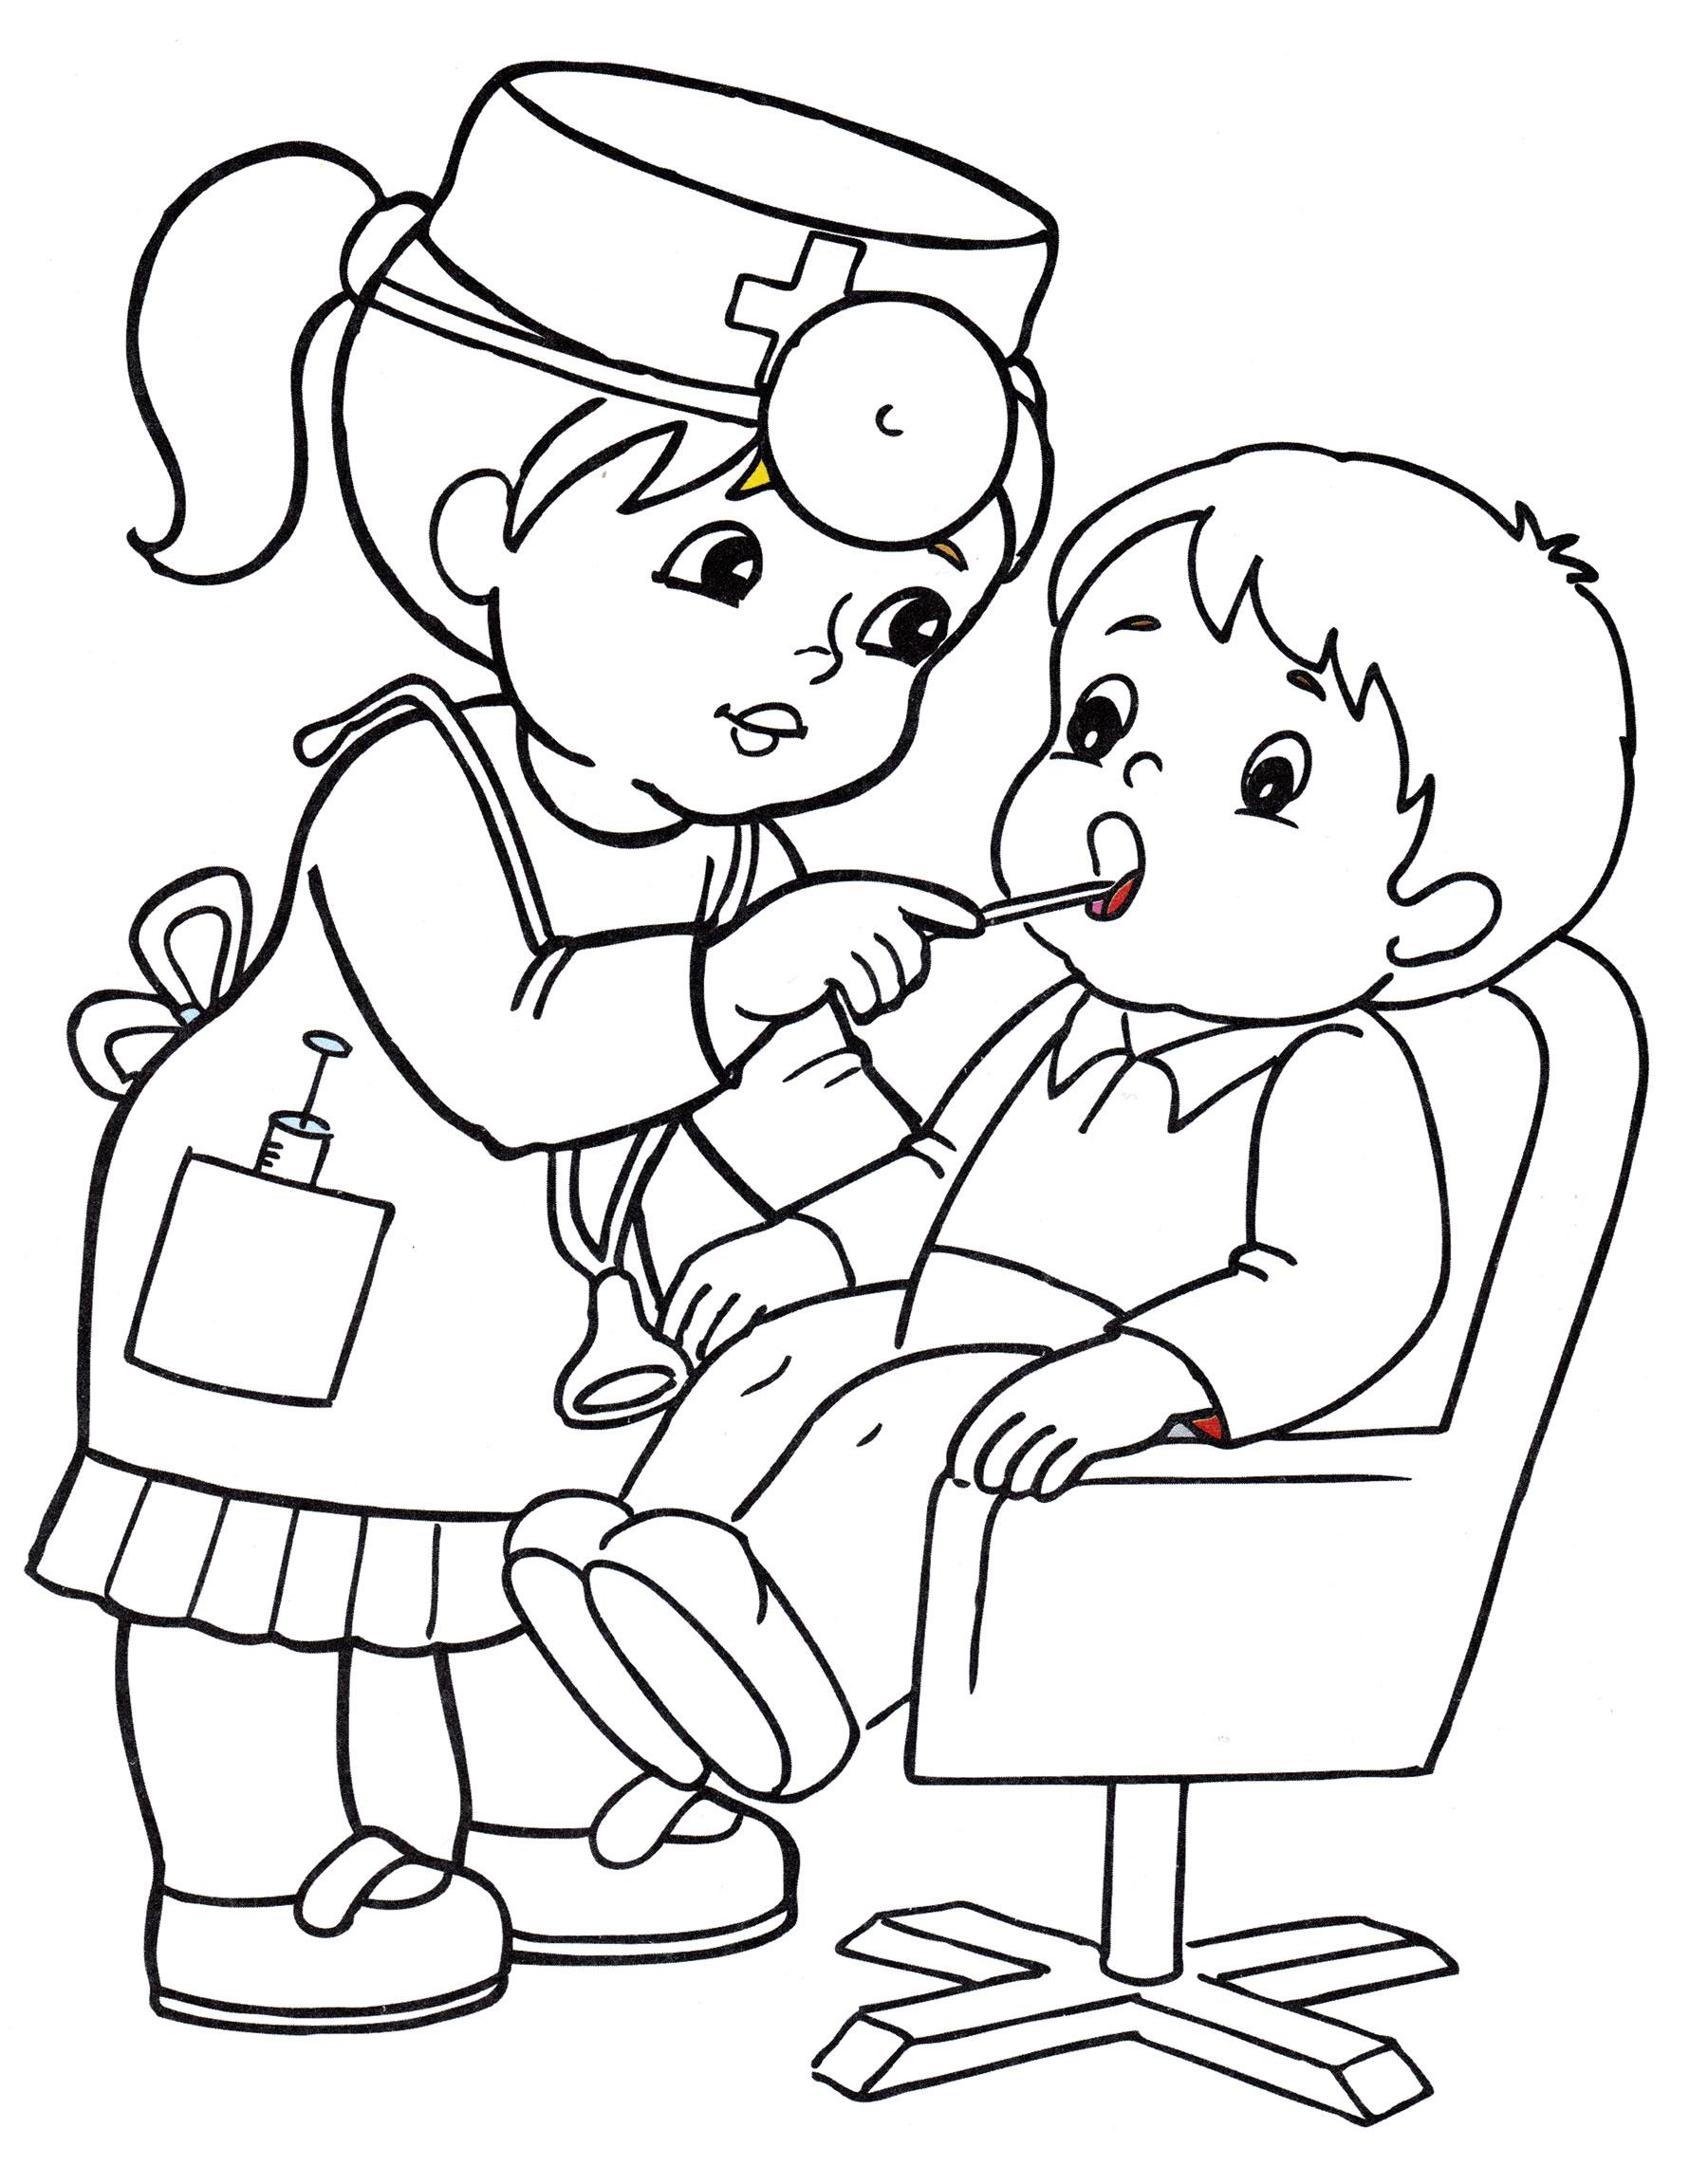 Картинки раскраски для детей в доу